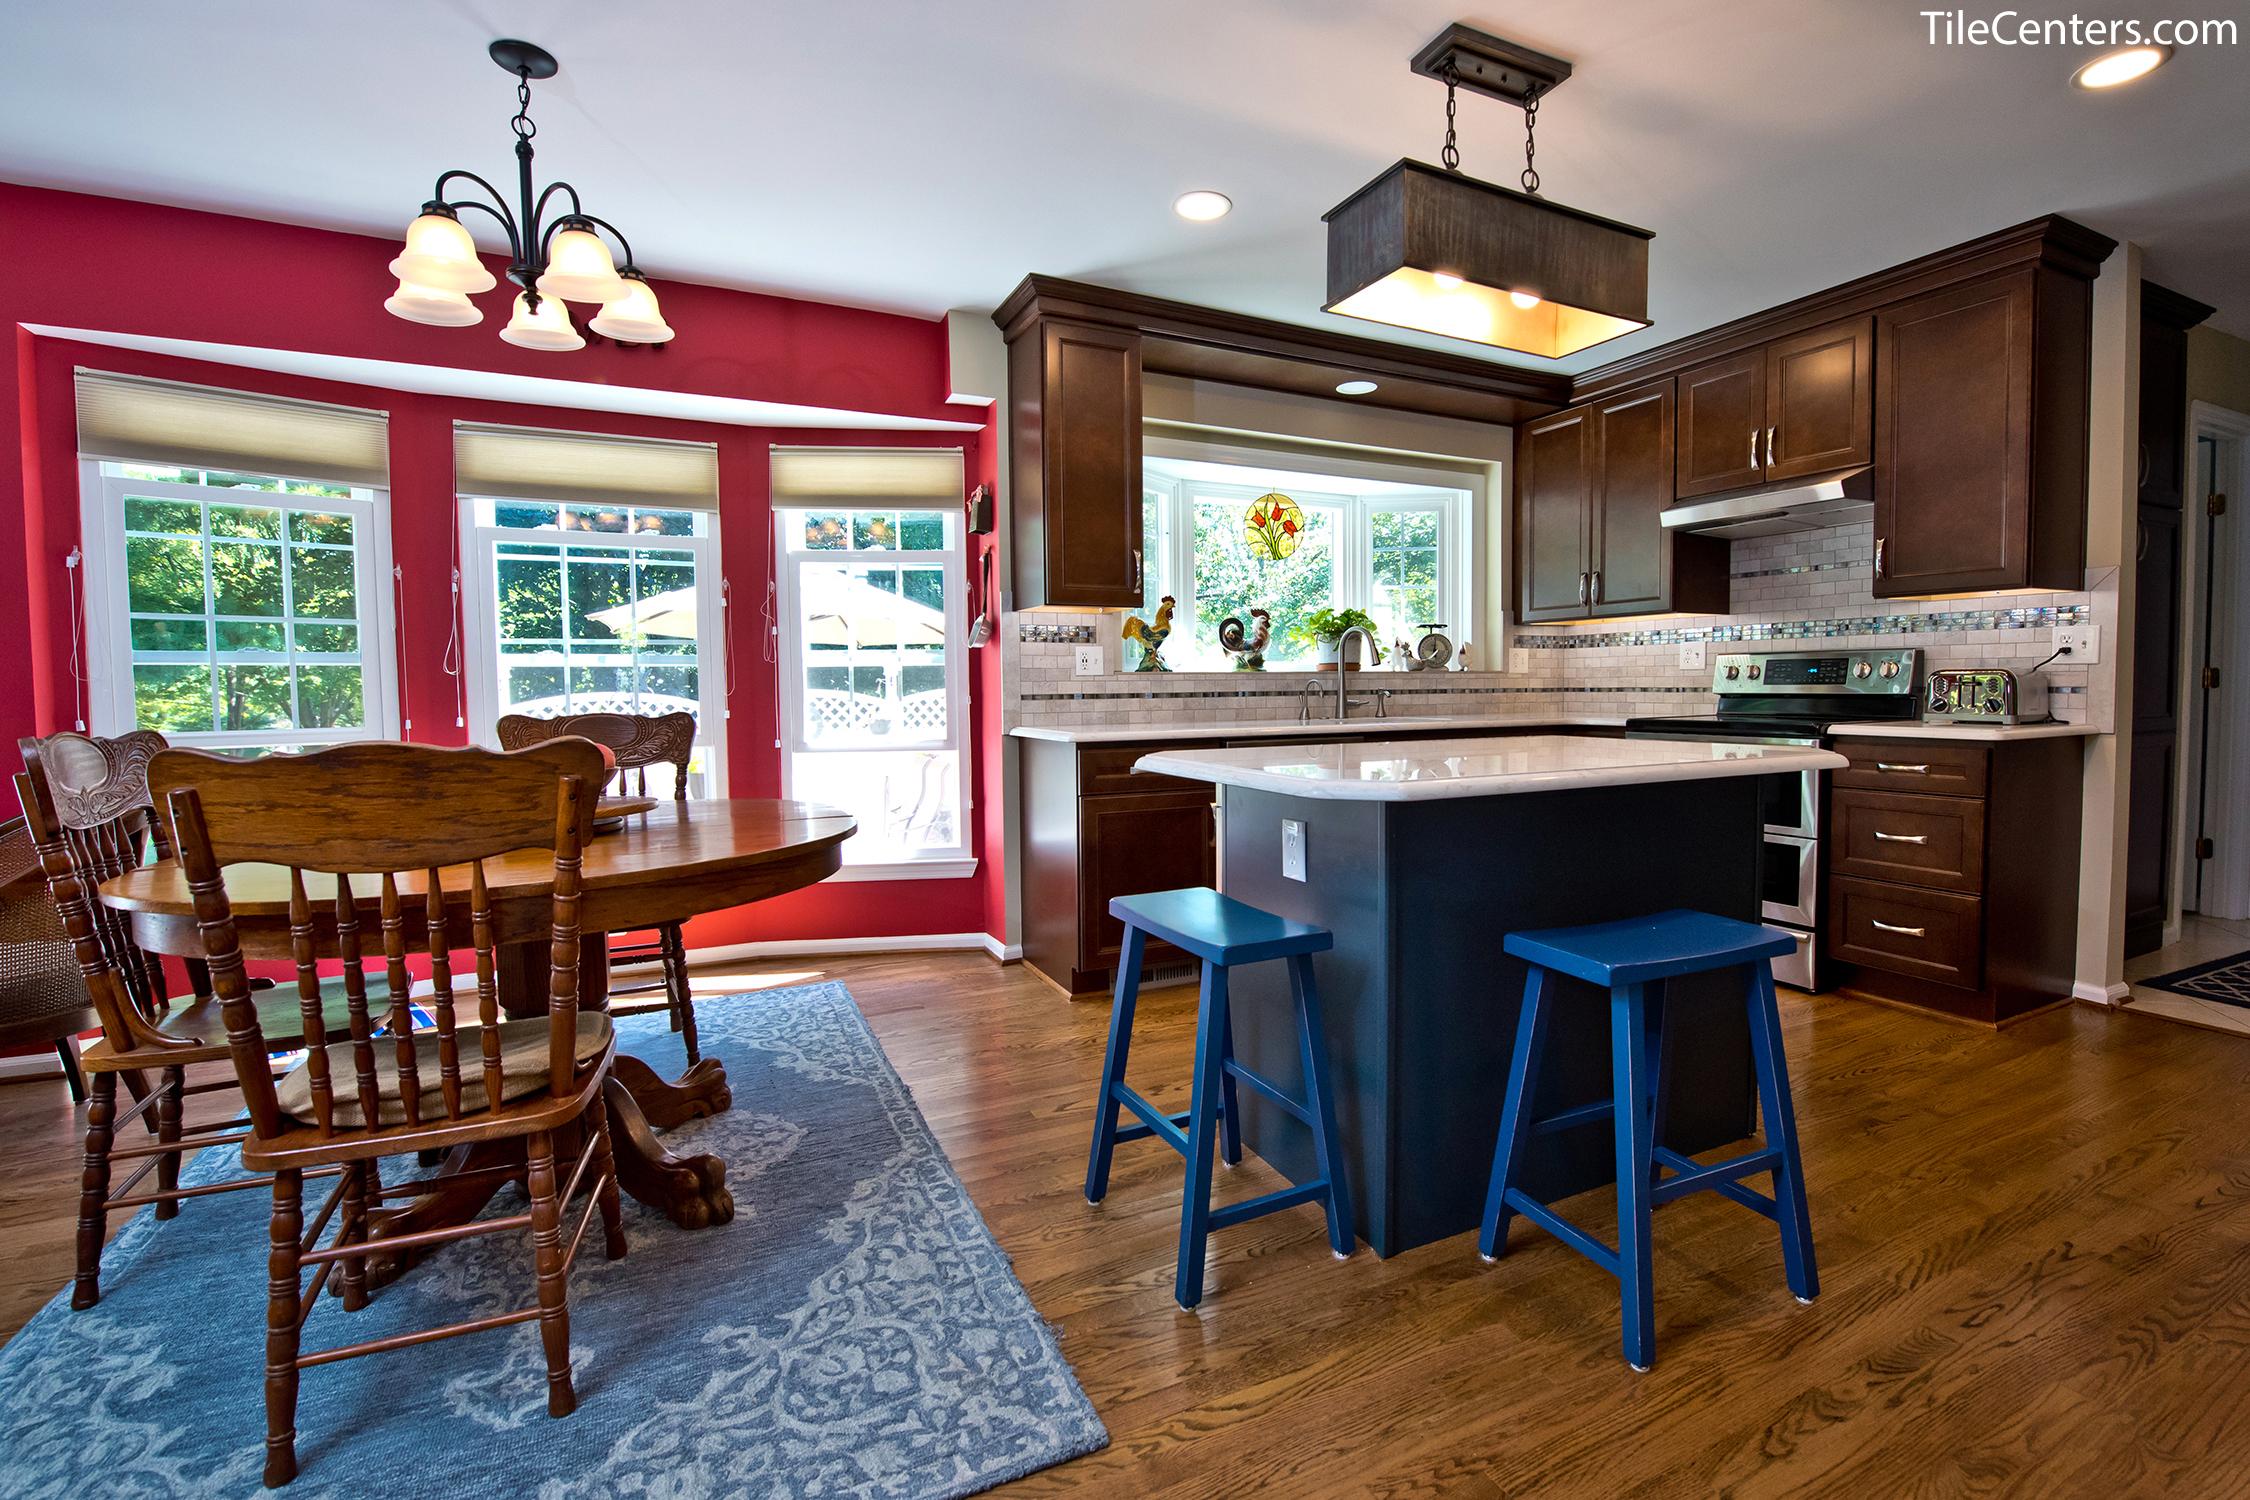 Kitchen Remodel - Saddle River Dr, Gaithersburg, MD 20879